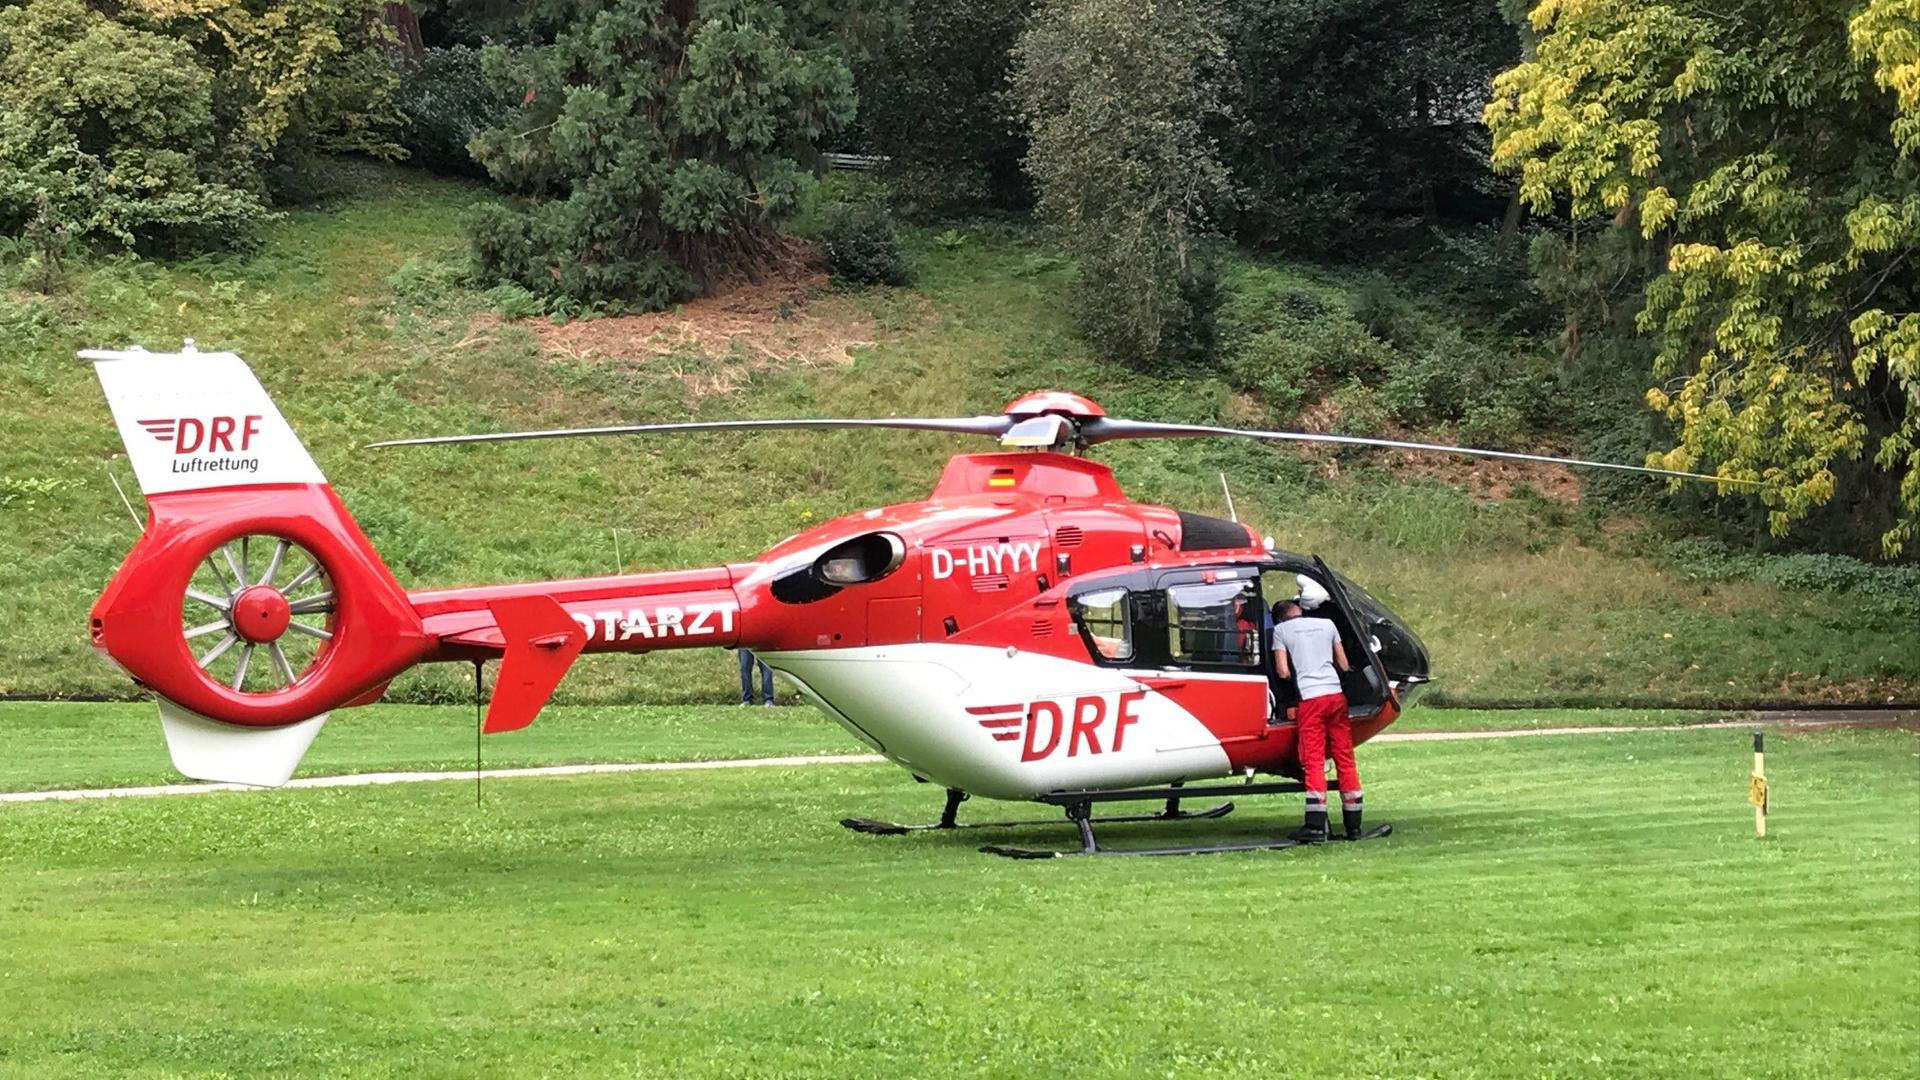 Ein Rettungshubschrauber ist für einen Einsatz auf einer Wiese im Kurgarten in Baden-Baden gelandet.